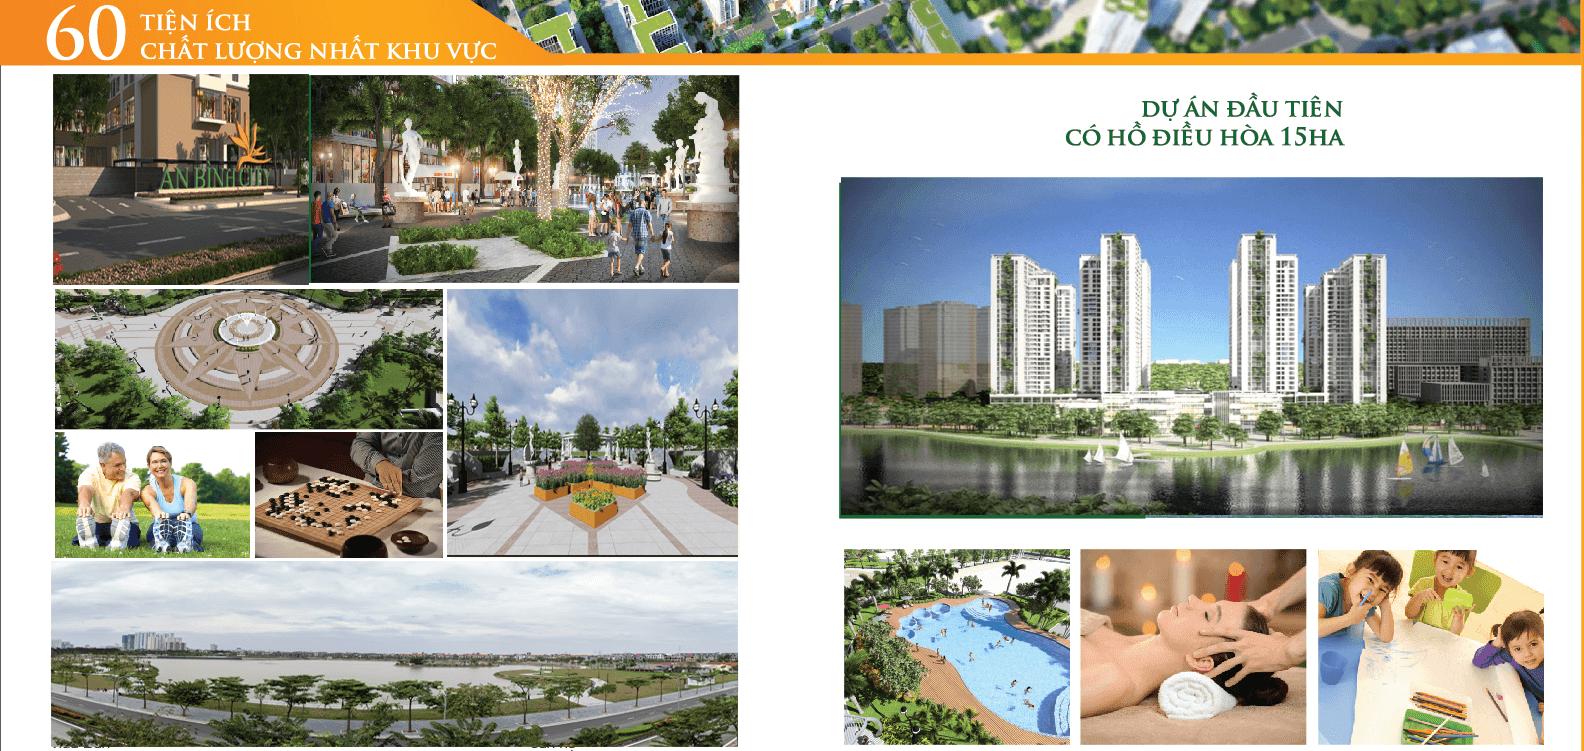 Hệ thống tiện ích dịch vụ cao cấp tại dự án chung cư An Bình City